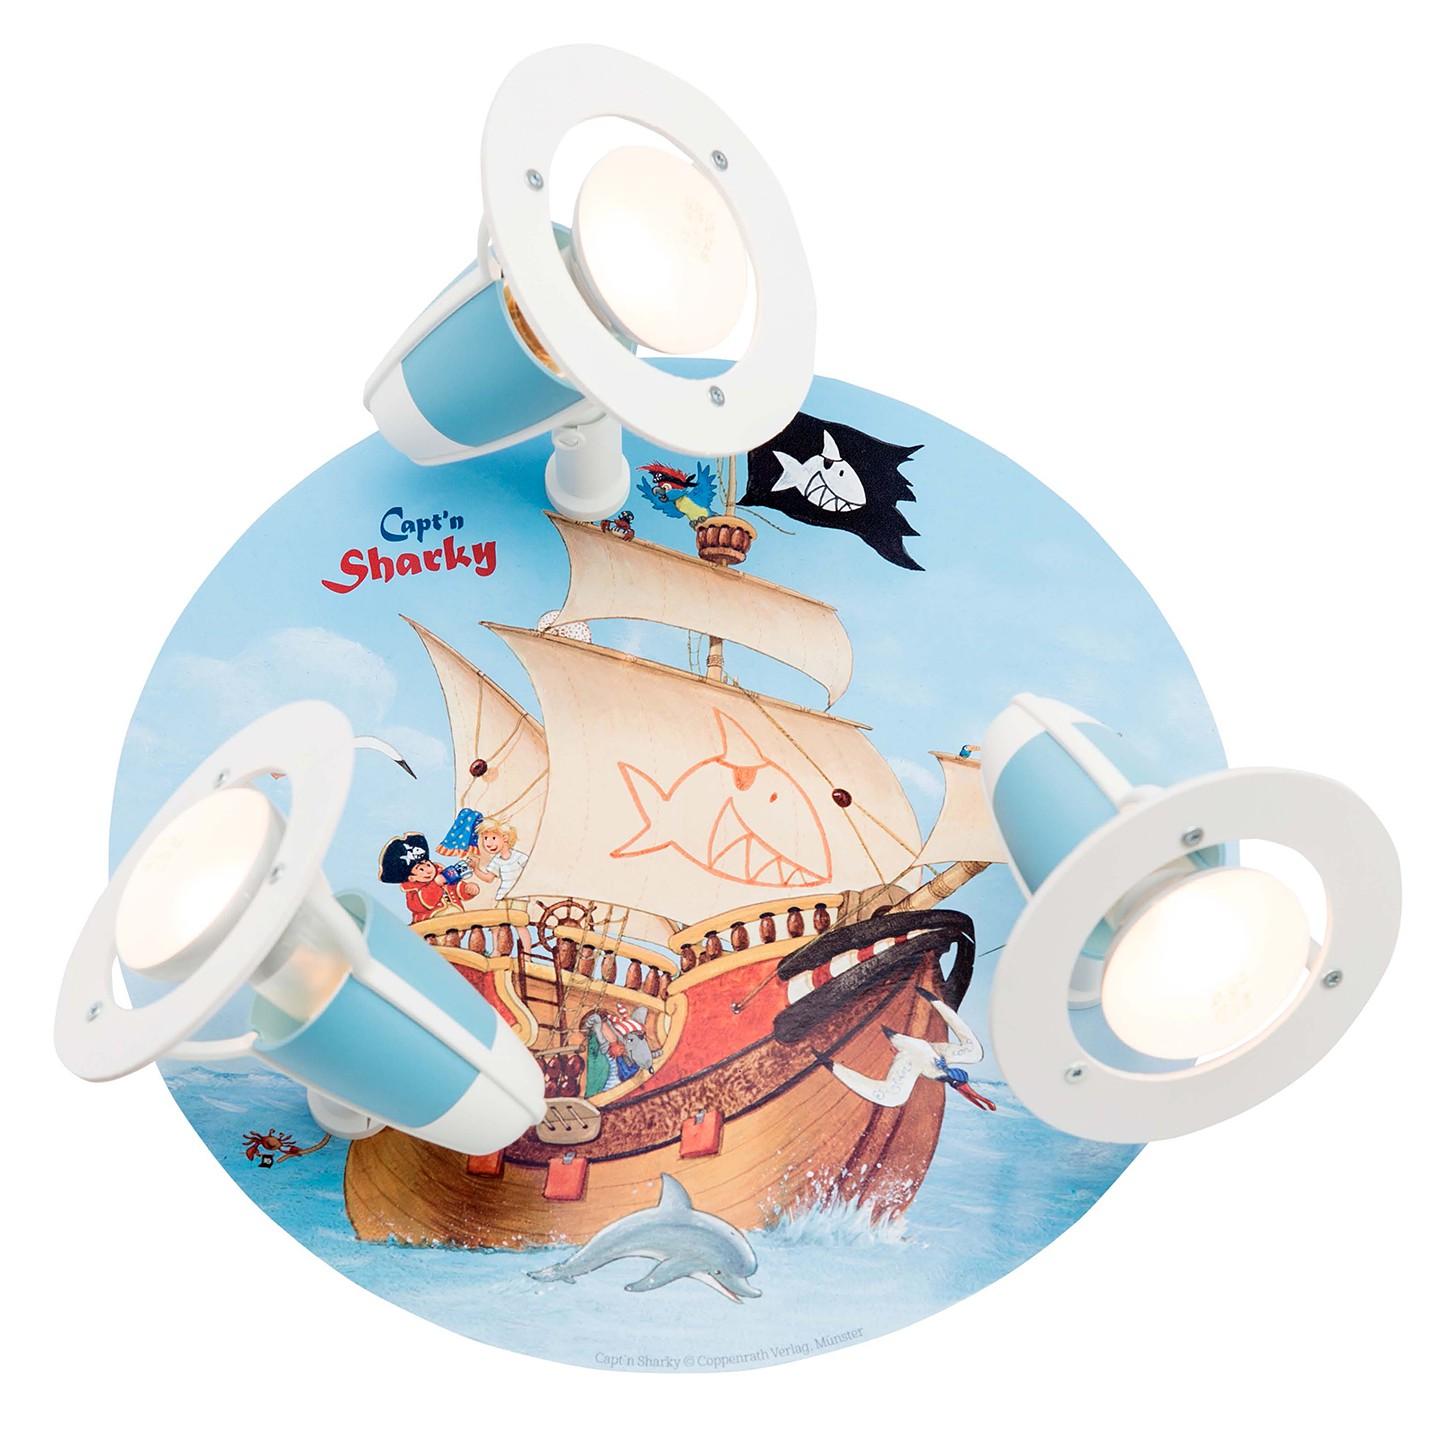 home24 Deckenleuchte Captn Sharky I